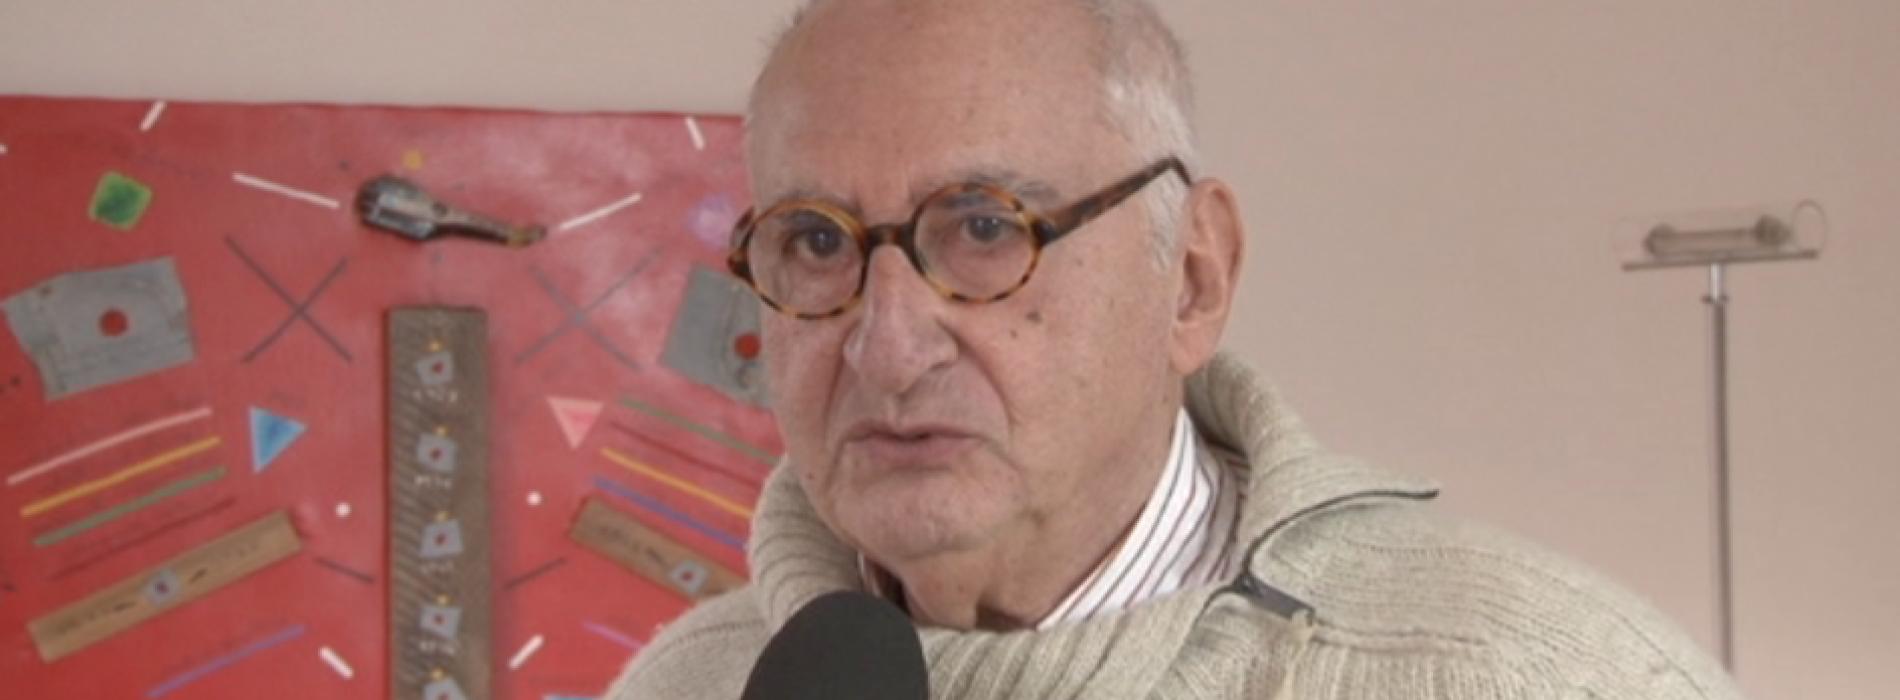 Bruno Donzelli nella Scala dell'arte, la sua personale a Milano